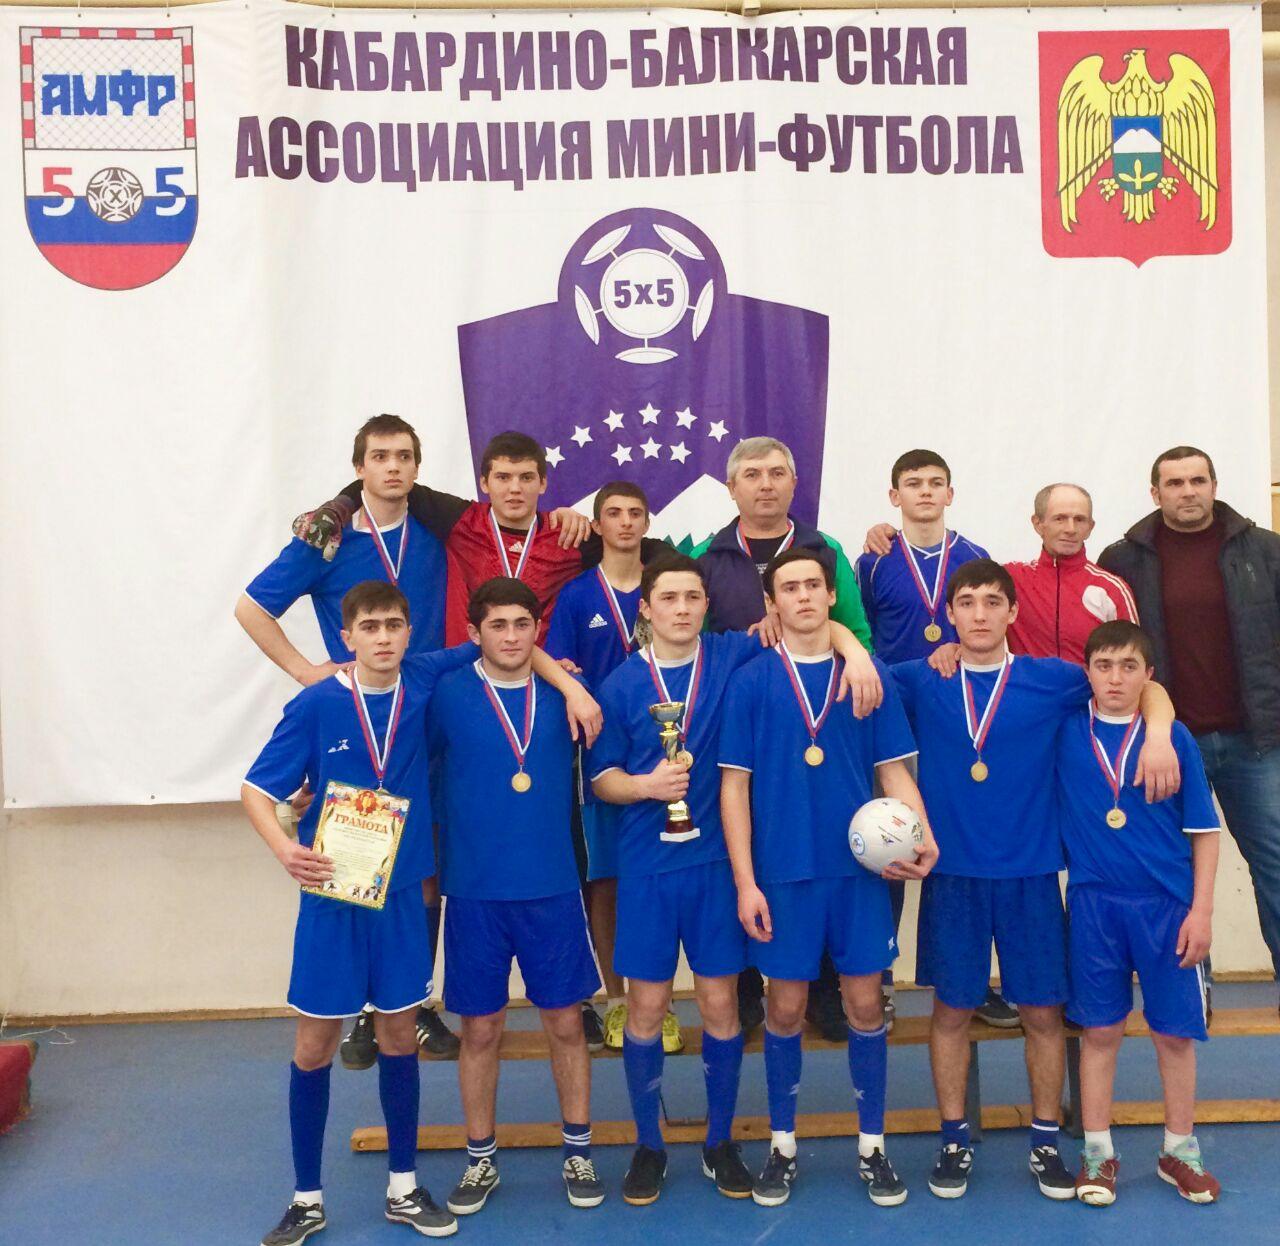 Чемпионы республики по мини-футболу!